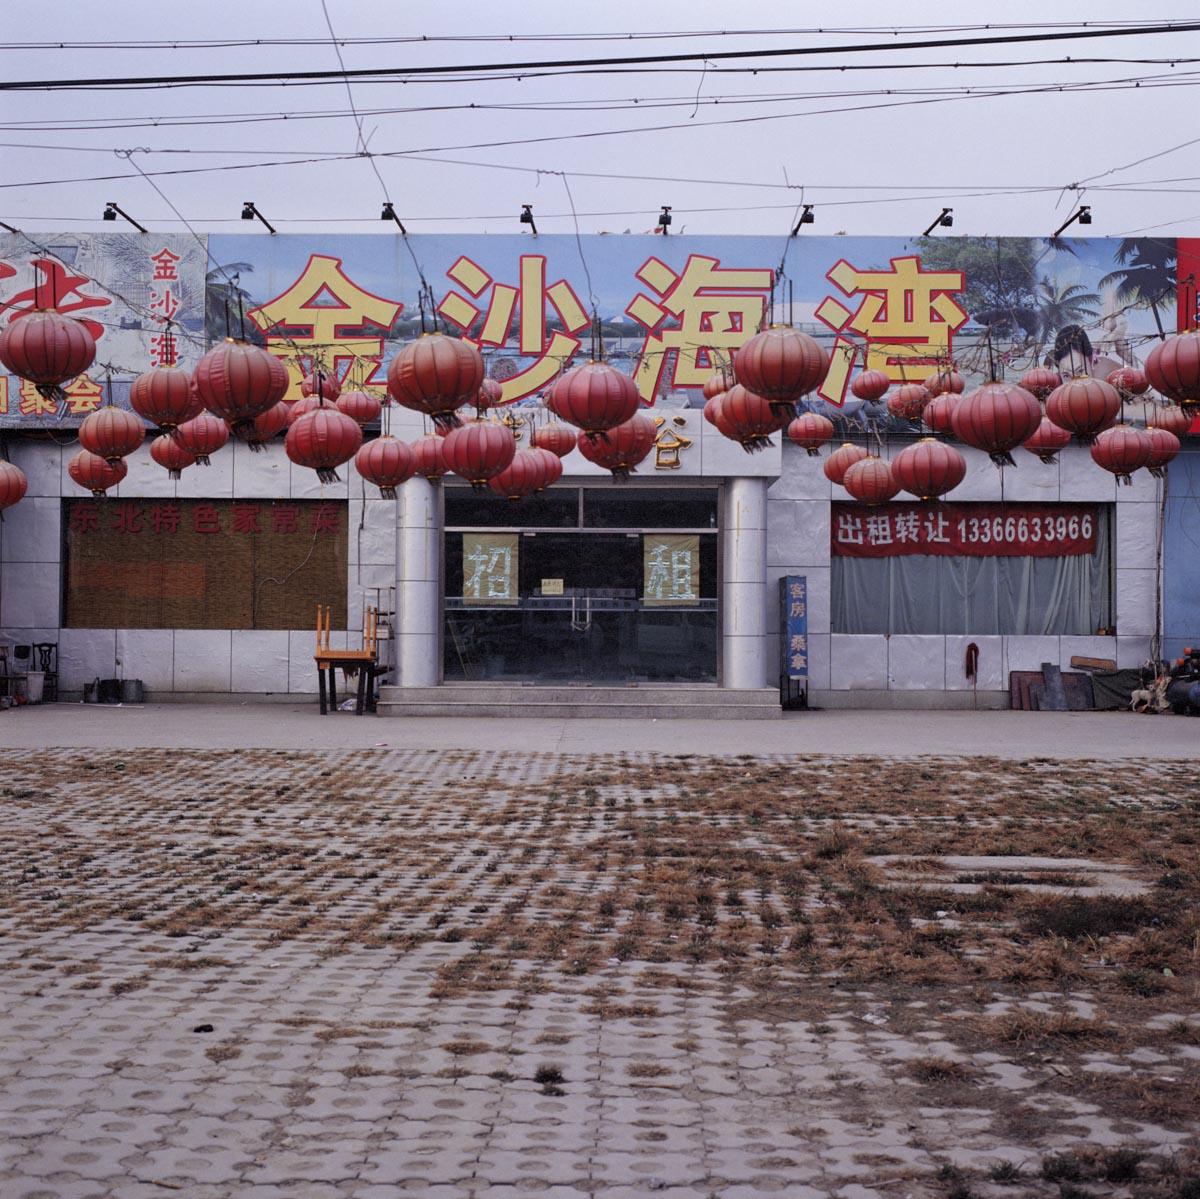 Restauran chino, 2007 Fotografía duratrans en cajas de luz de madera y luz Caja de luz 45x45x30 aprox. Ed. 3